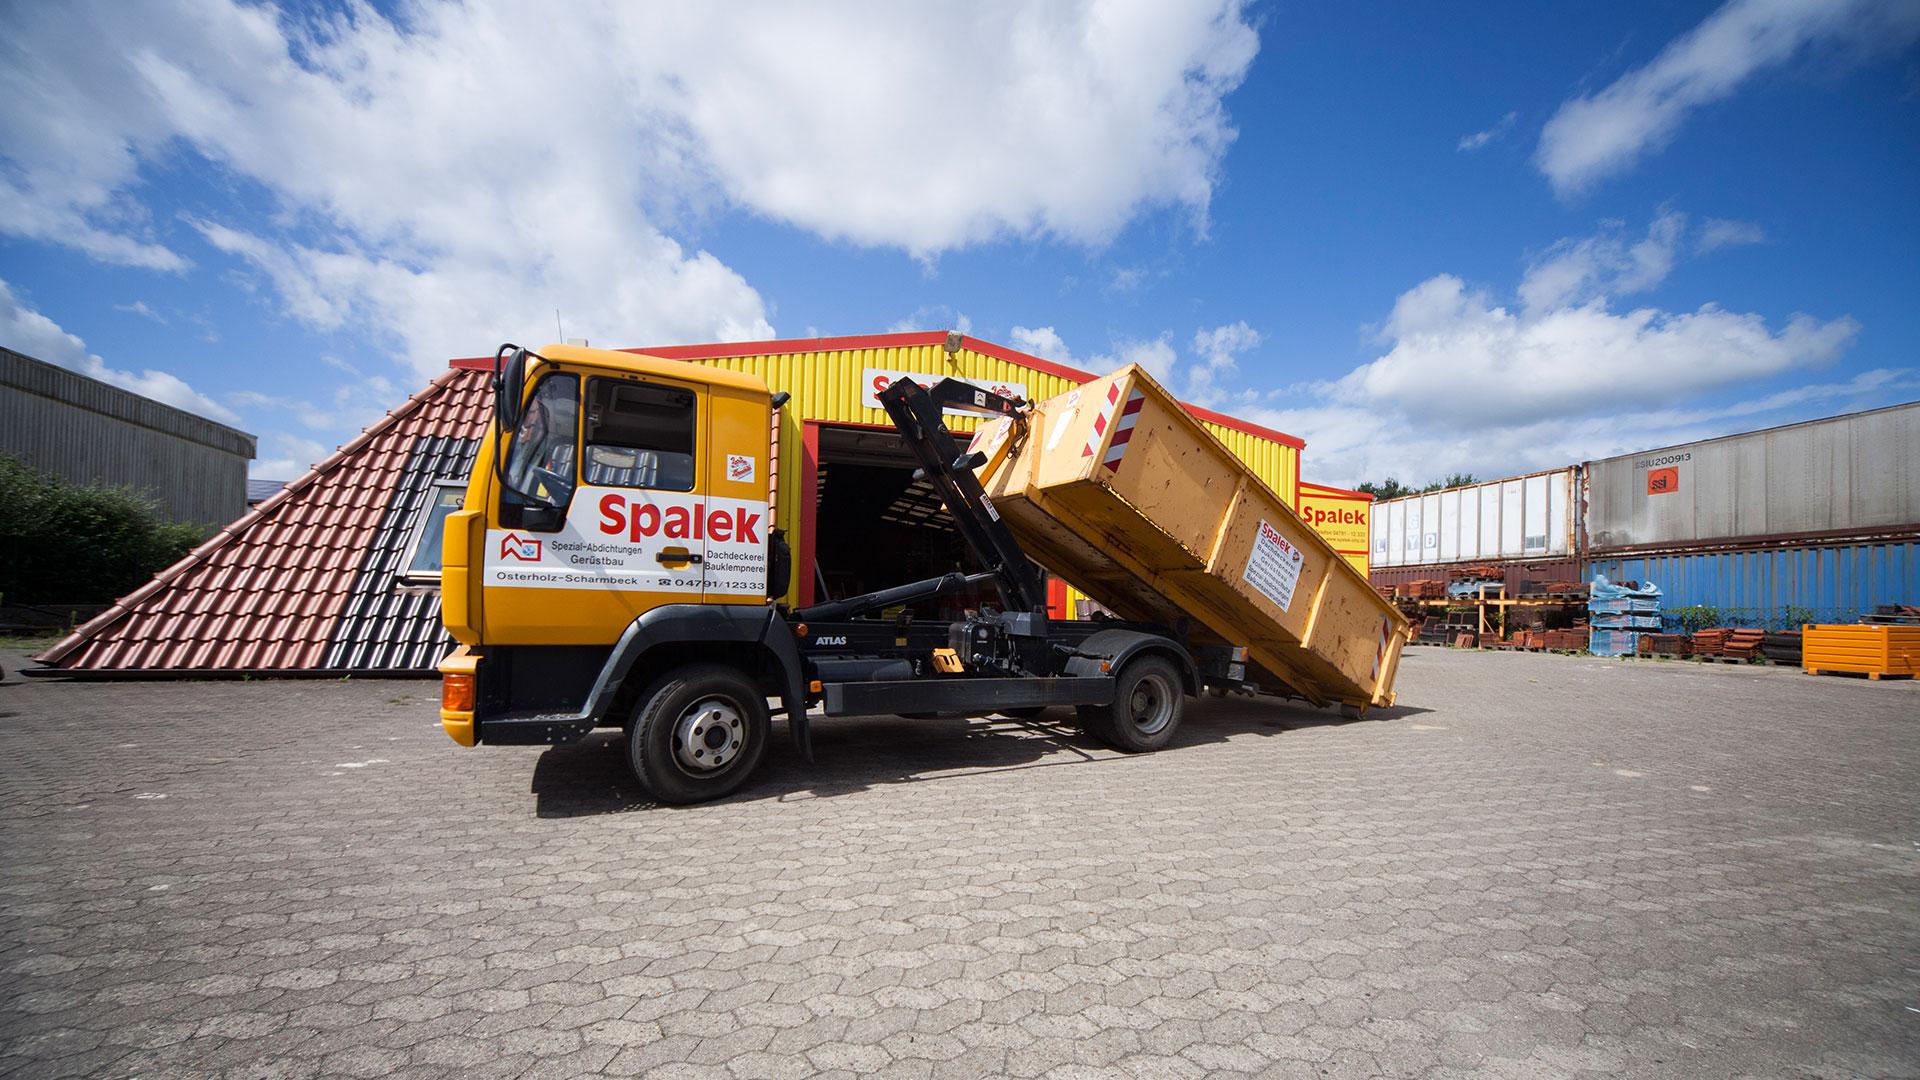 Lastwagen beim Abladen des Containers 1920x1080px | Dachdeckerei Spalek OHZ